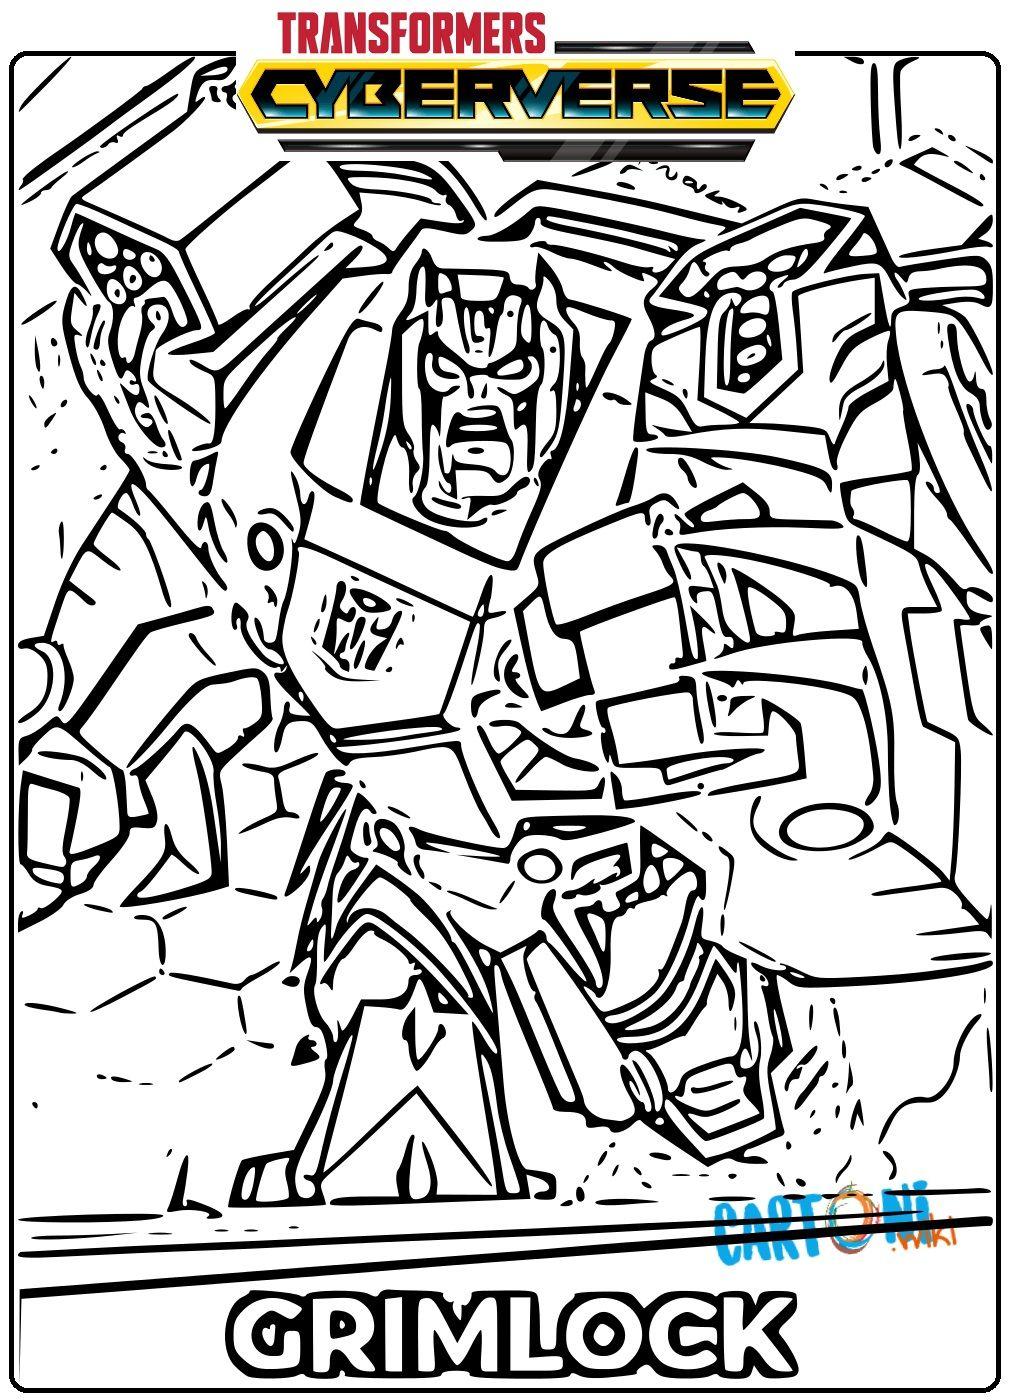 Disegni Da Colorare E Stampare Gratis Transformers.Transformers Cyberverse Disegno Grimlock Da Colorare E Stampare Per Bambini Gratis Online Scopri Tante Altre Stampe Per Bambini Disegni Disegni Da Colorare